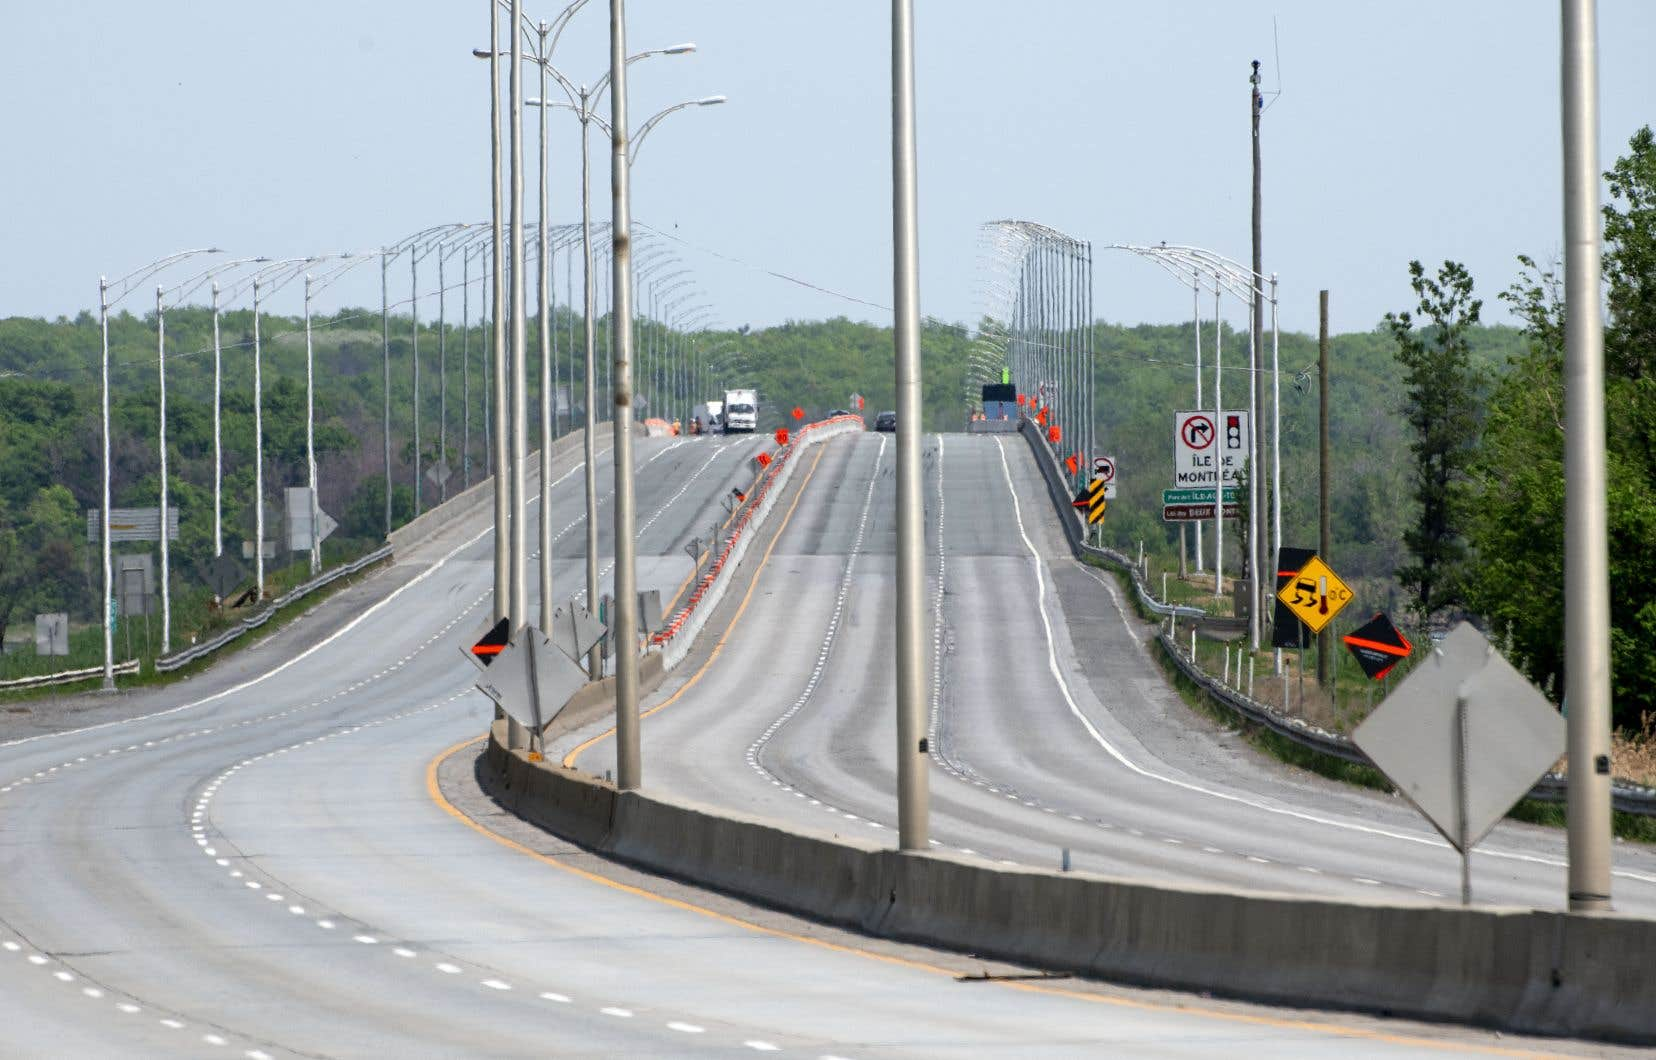 Le pont de l'Île-aux-Tourtes, qui relie Vaudreuil-Dorion et Senneville, dans l'ouest de l'île de Montréal, a été clos en urgence jeudi par le ministère des Transports pour «réaliser des travaux d'urgence».